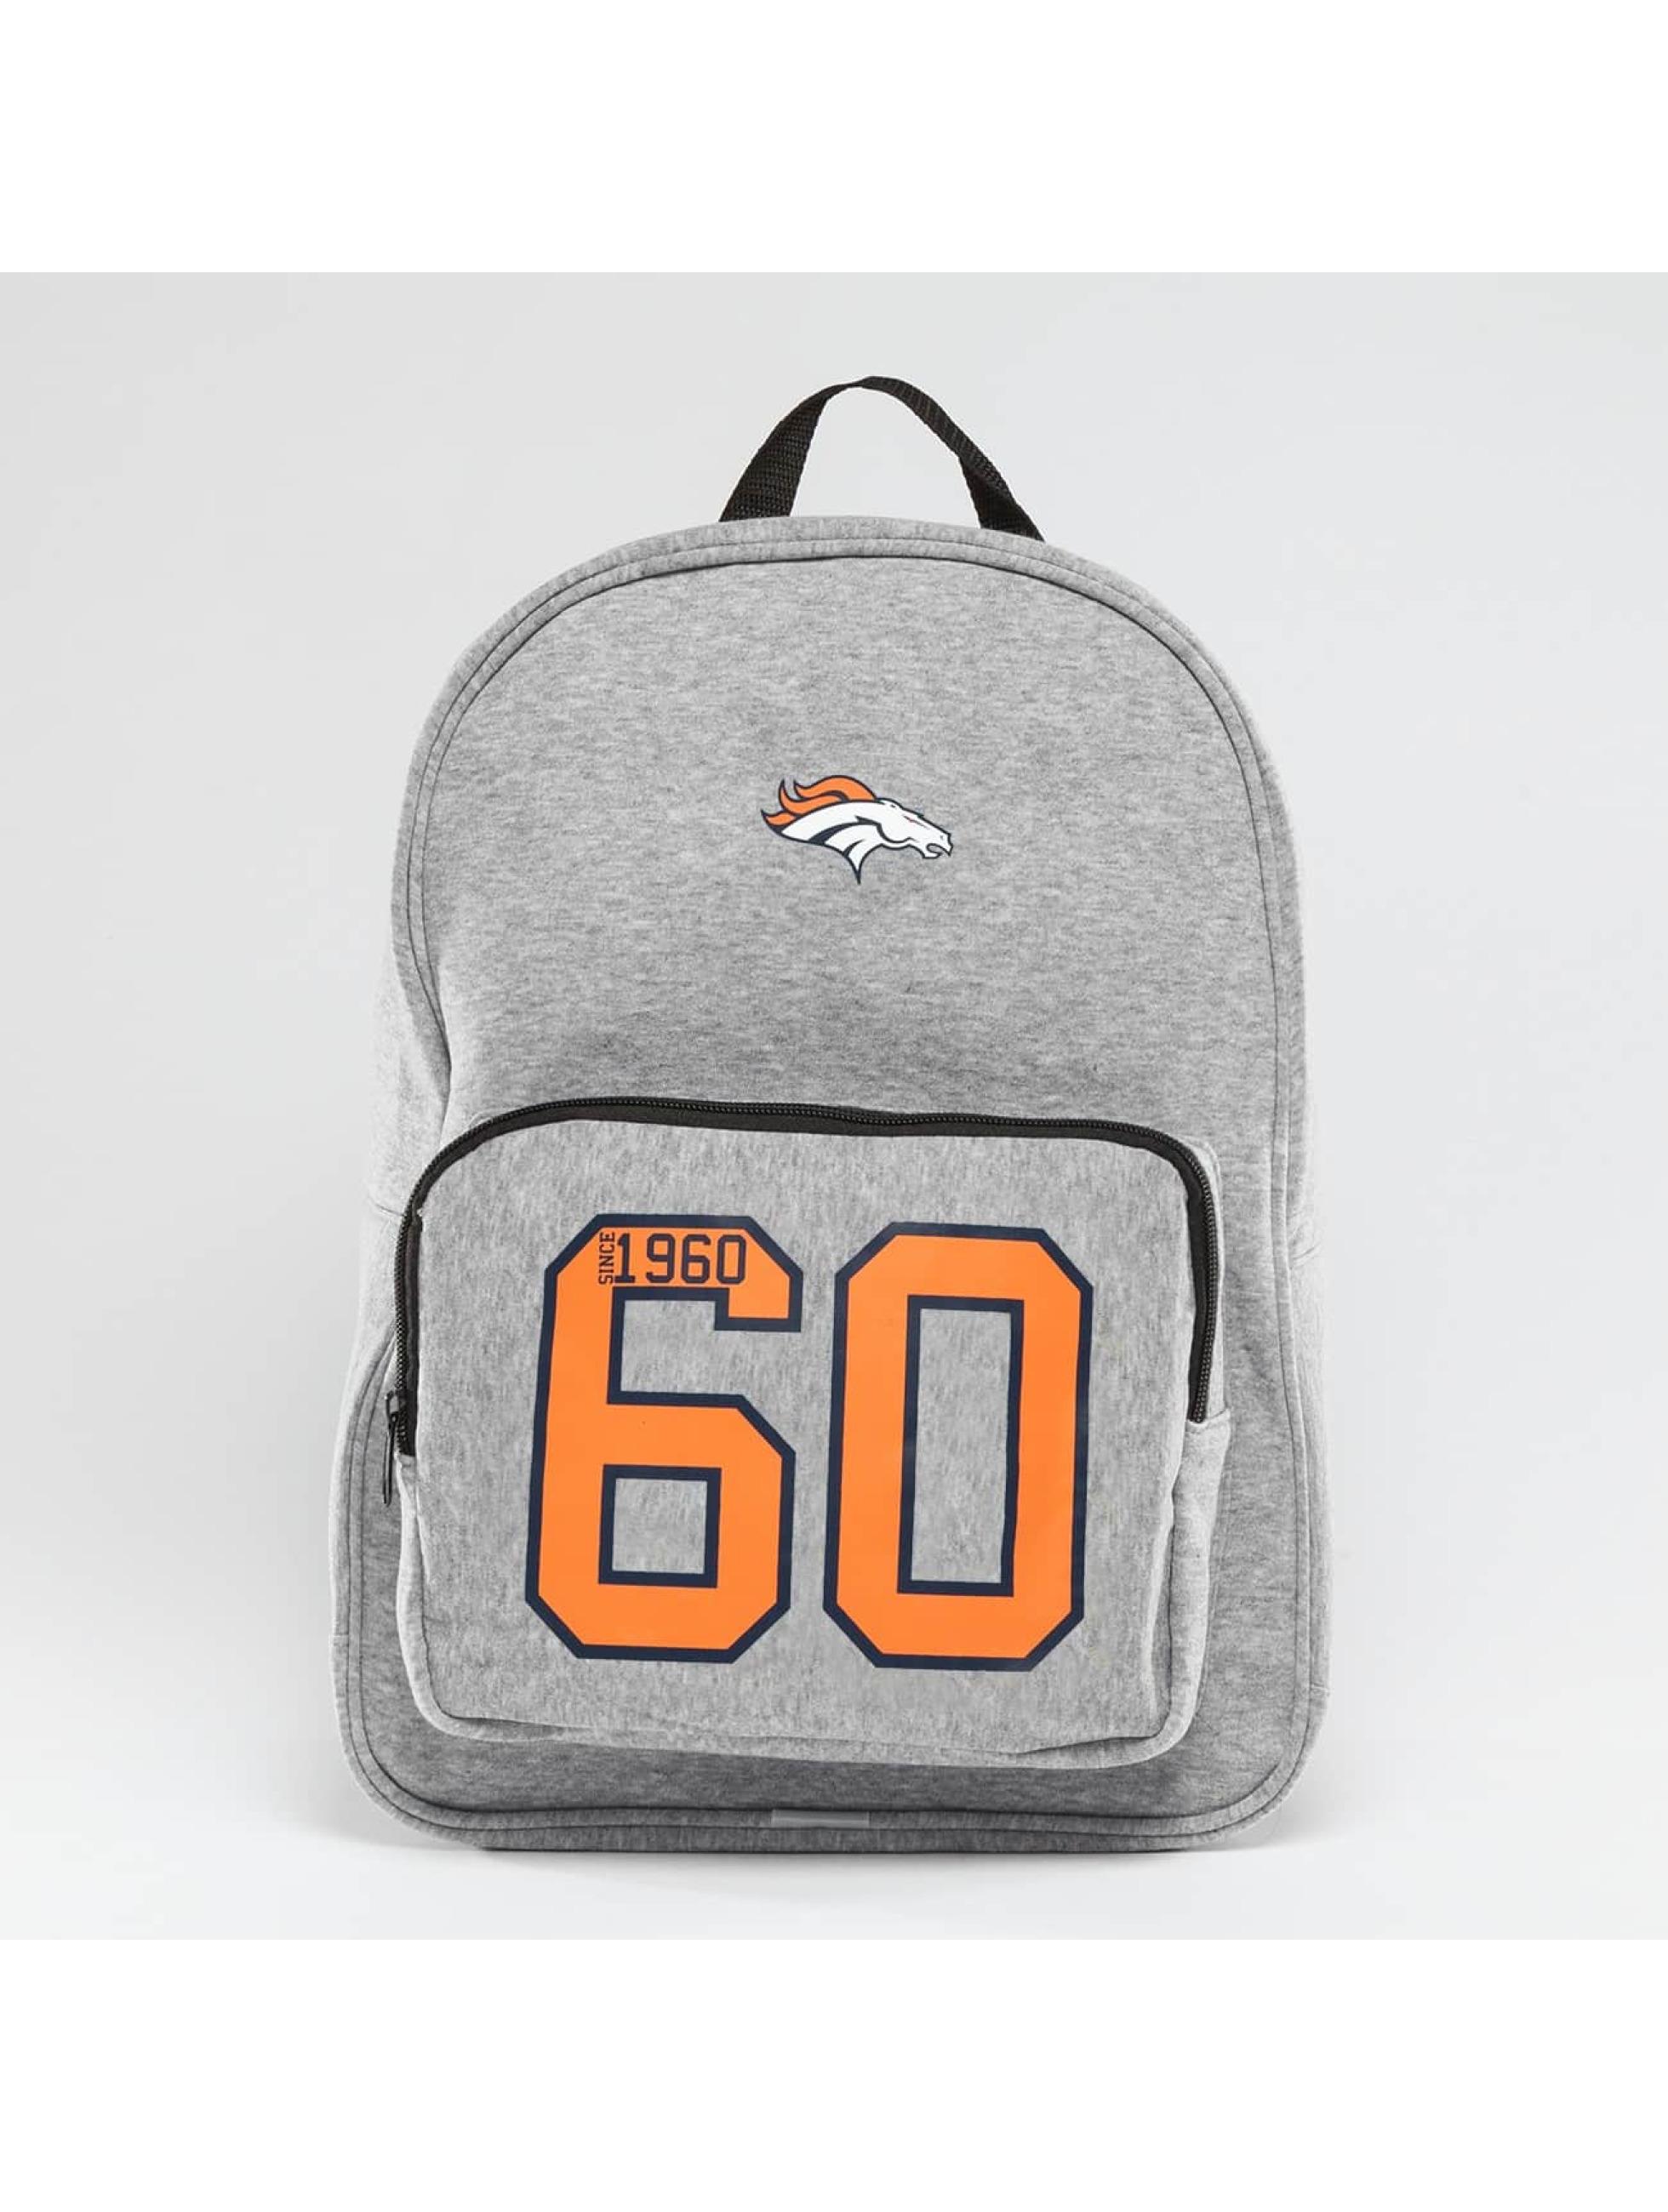 Forever Collectibles Männer,Frauen Rucksack NFL Denver Broncos in grau